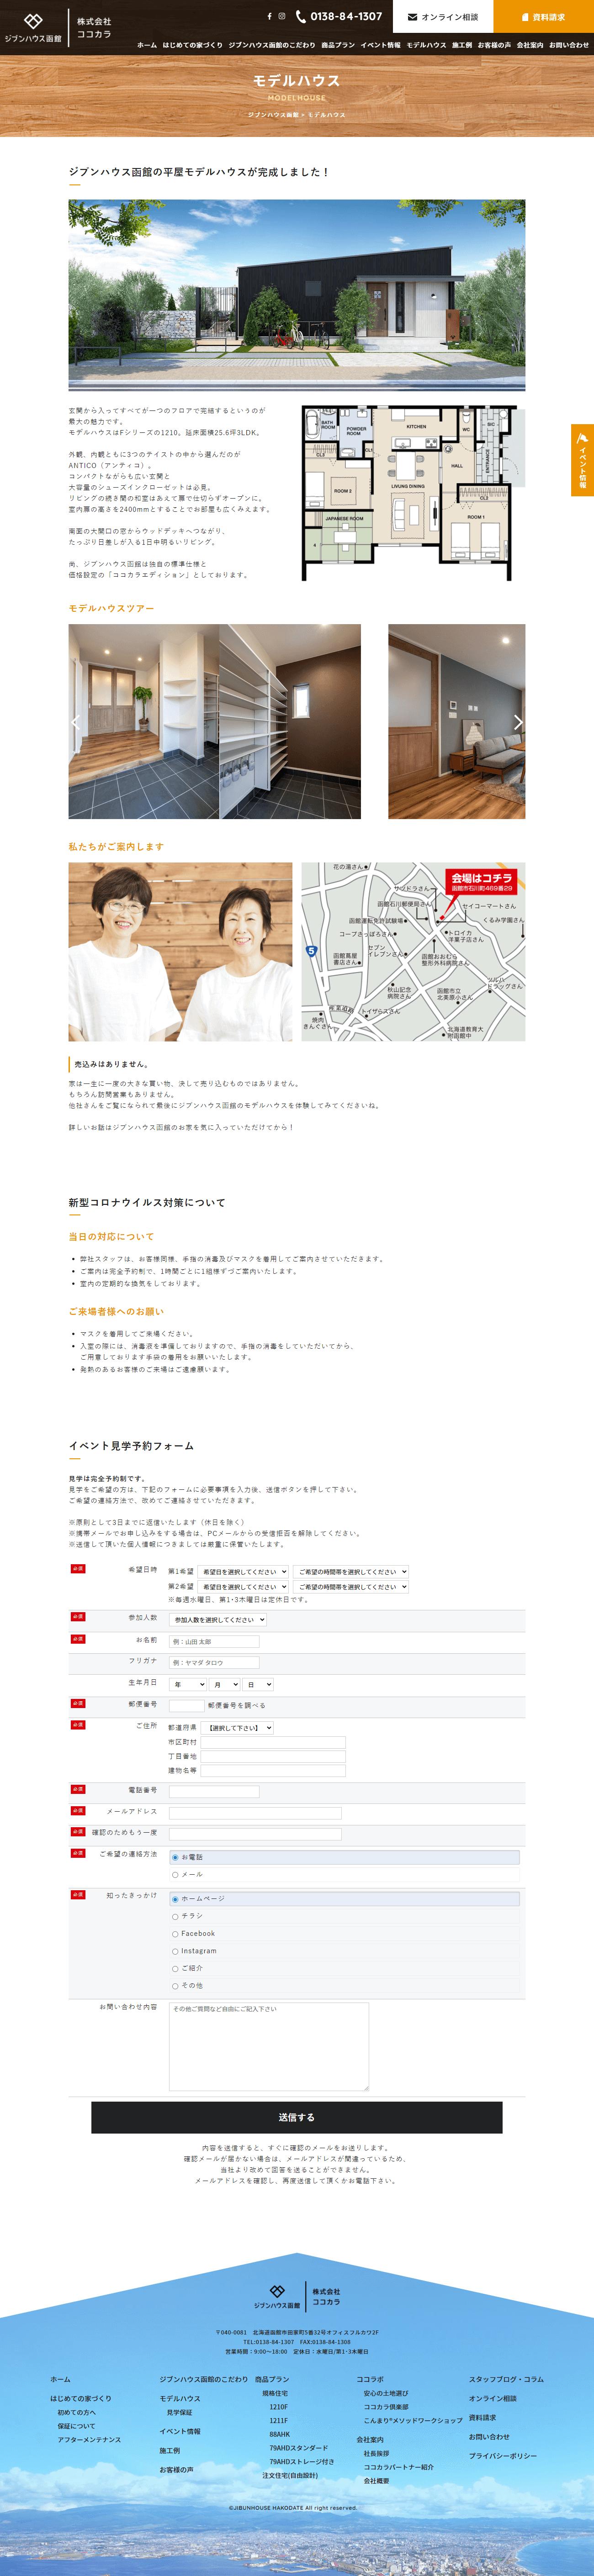 北海道函館市 ジブンハウス函館(株式会社ココカラ)北海道2